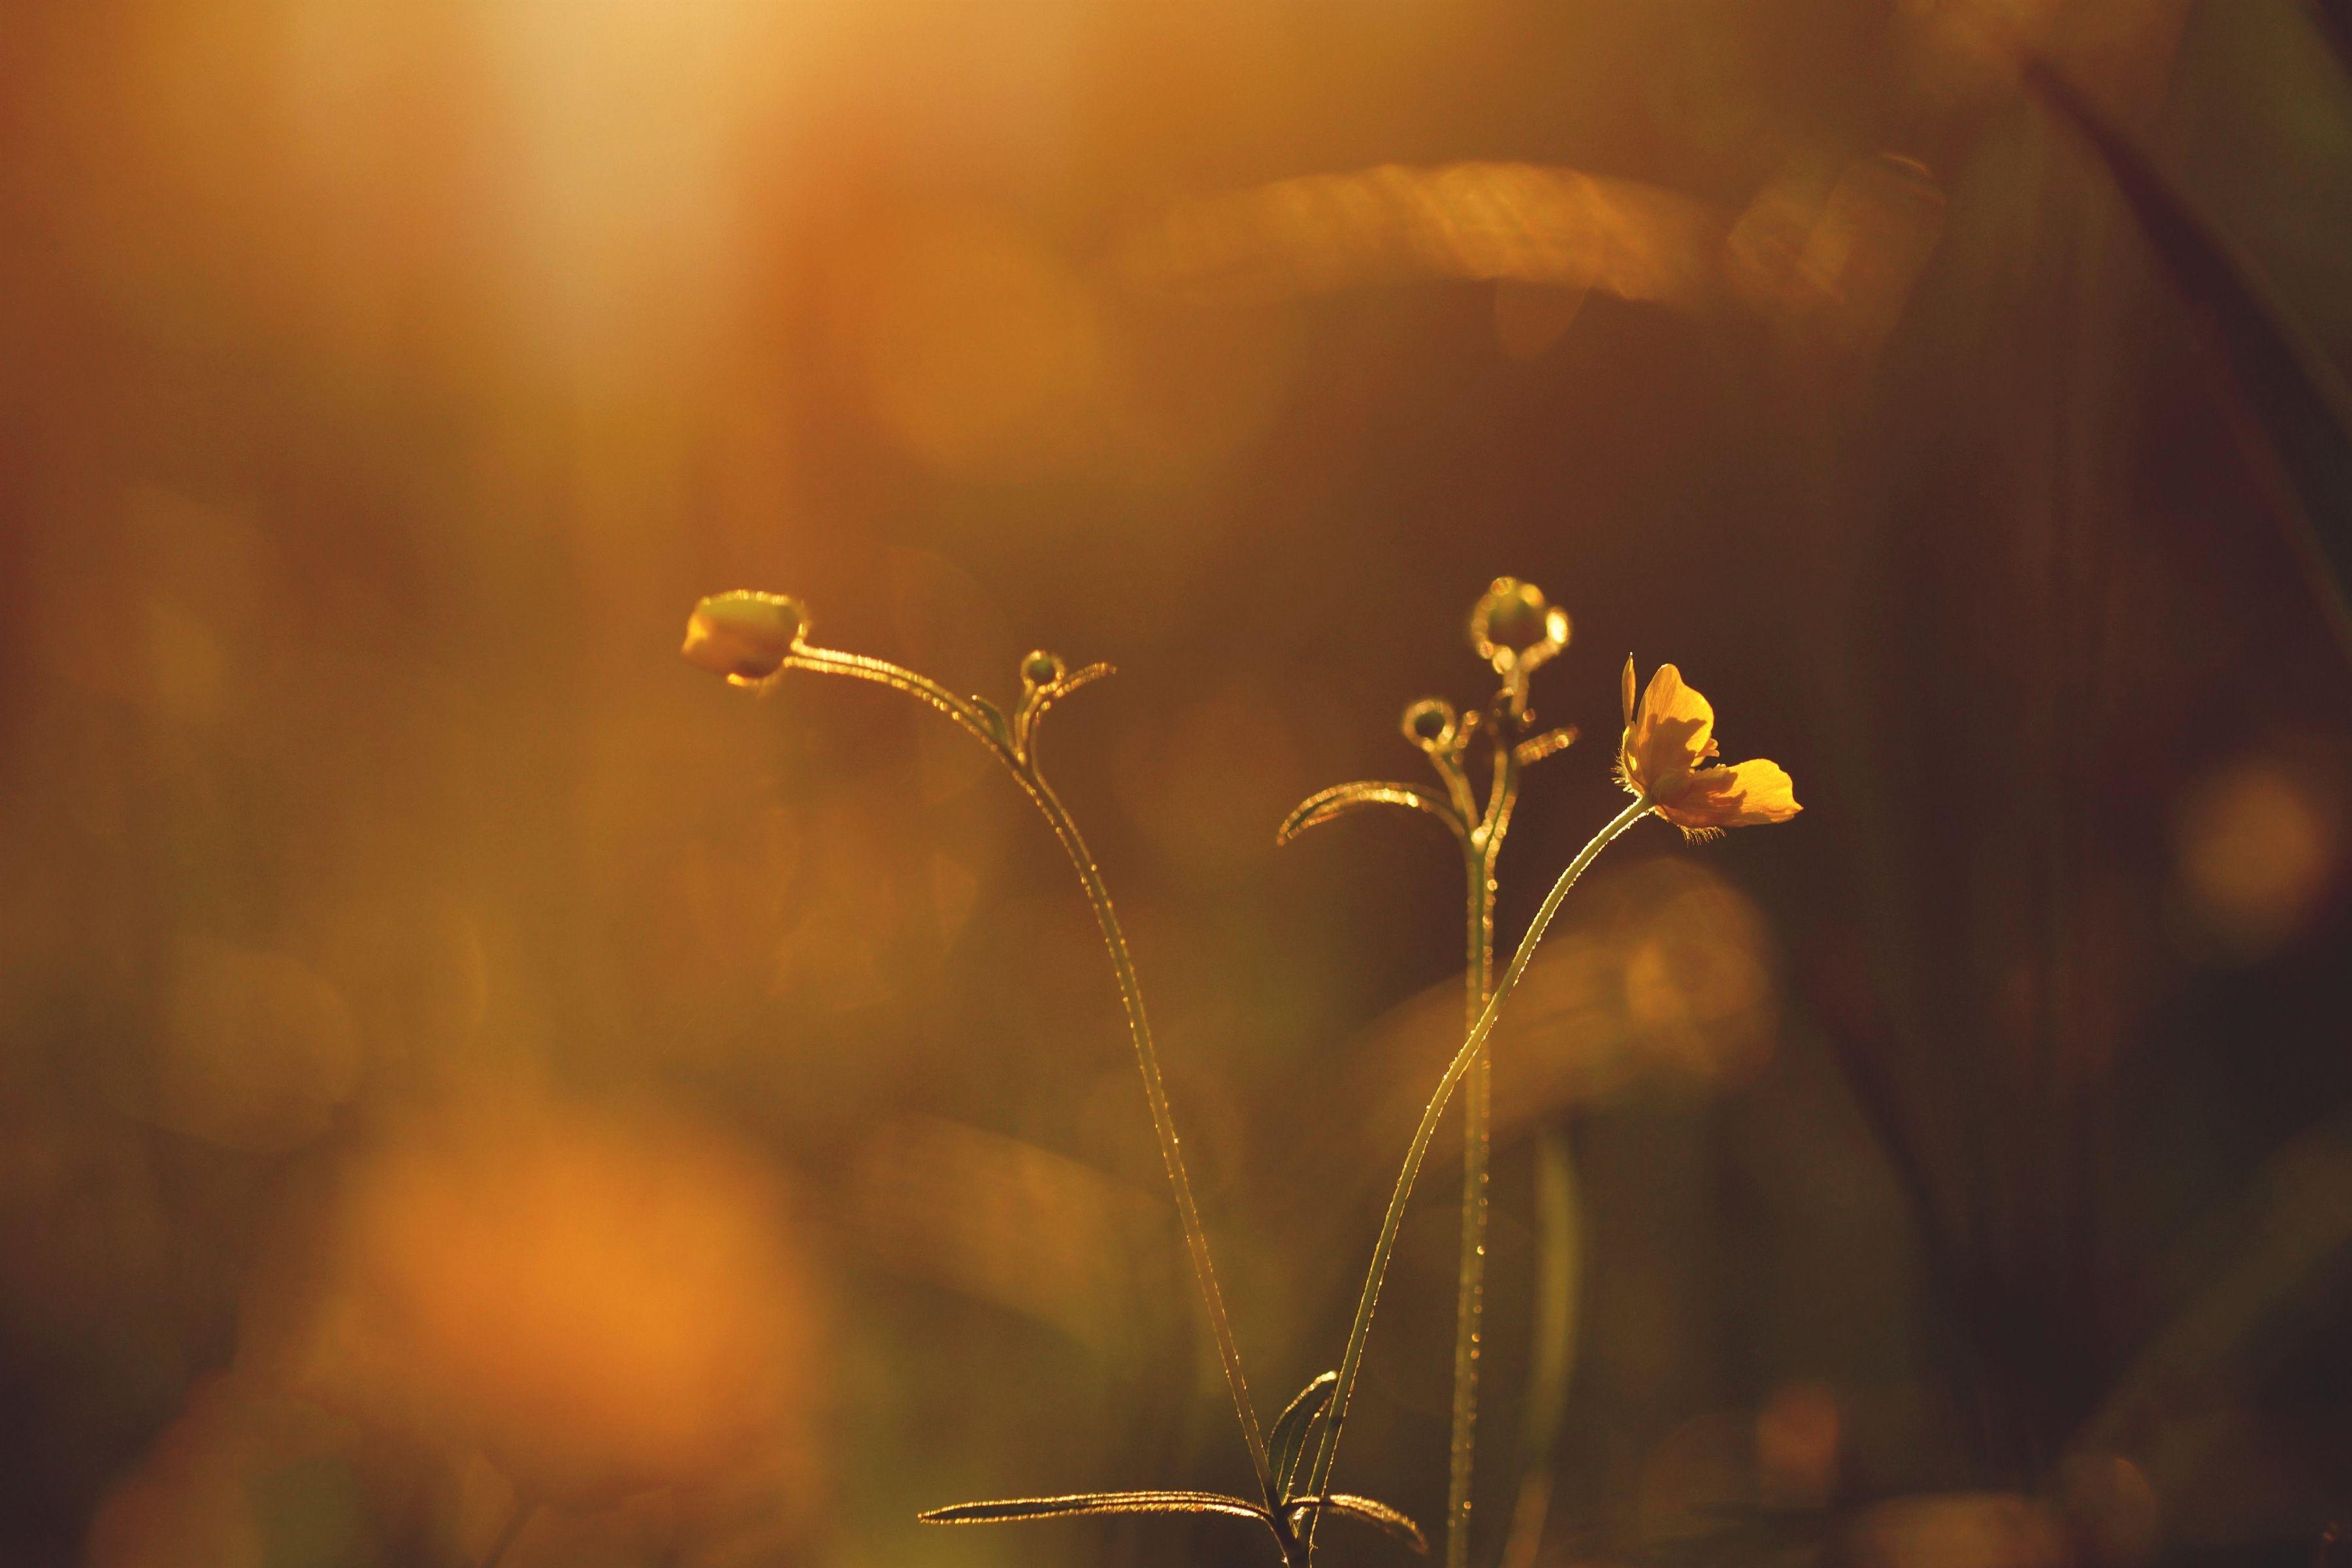 gardening 06790_992_20180822113404_53 age uk peterborough #gardening ...